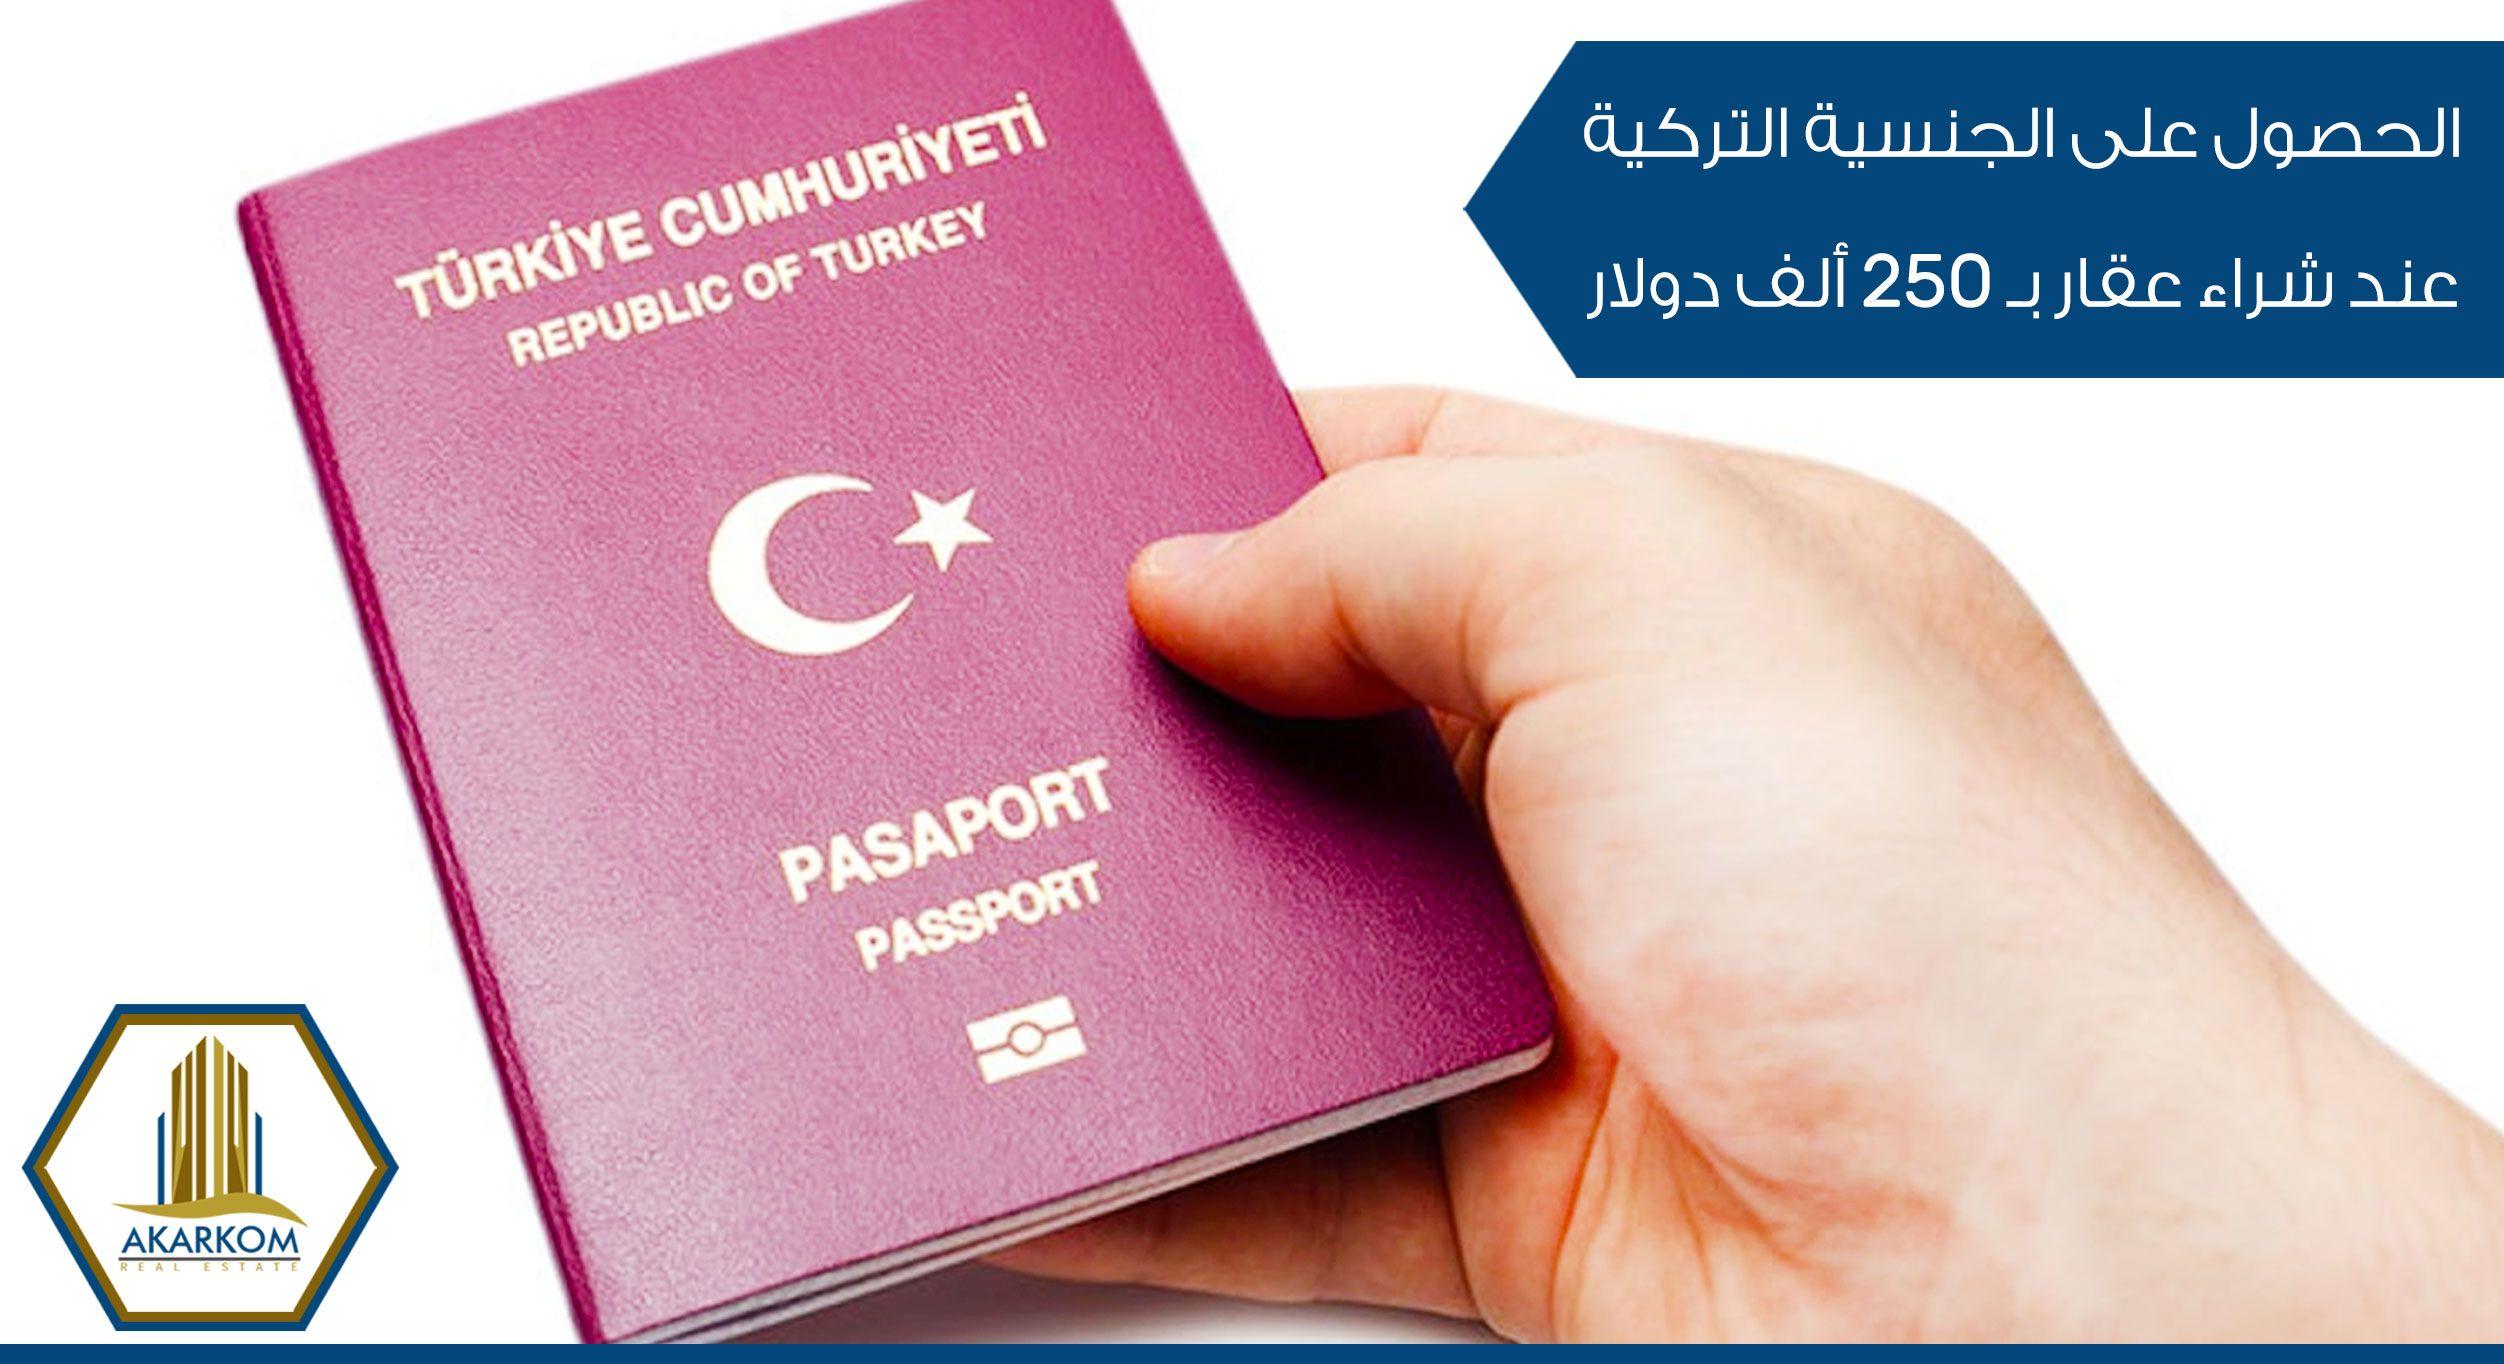 اجراءات الحصول على الجنسية التركية بعد امتلاك عقار بقيمة 250 ألف دولار وفق التعديلات القانونية الأخيرة و بالتفصيل عبر ا Republic Of Turkey Book Cover Passpo